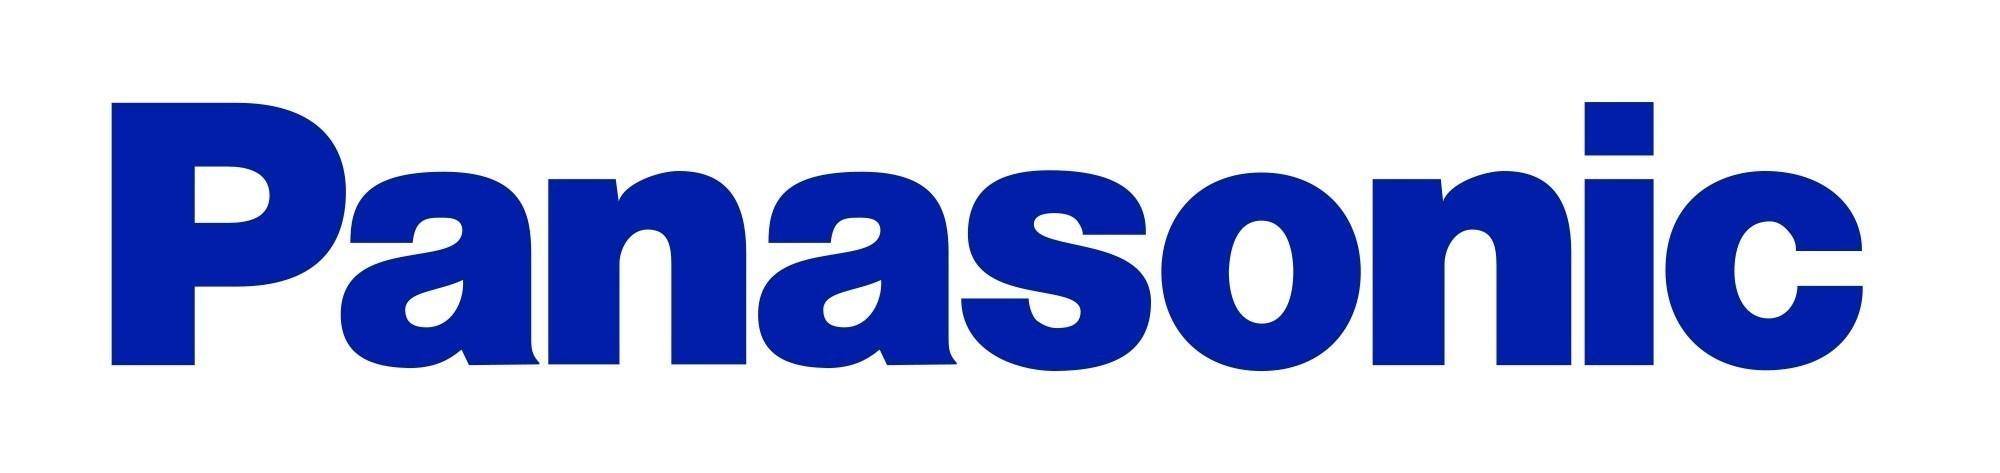 Panasonic Introduces Ez Soffit Vent For Enhanced Home